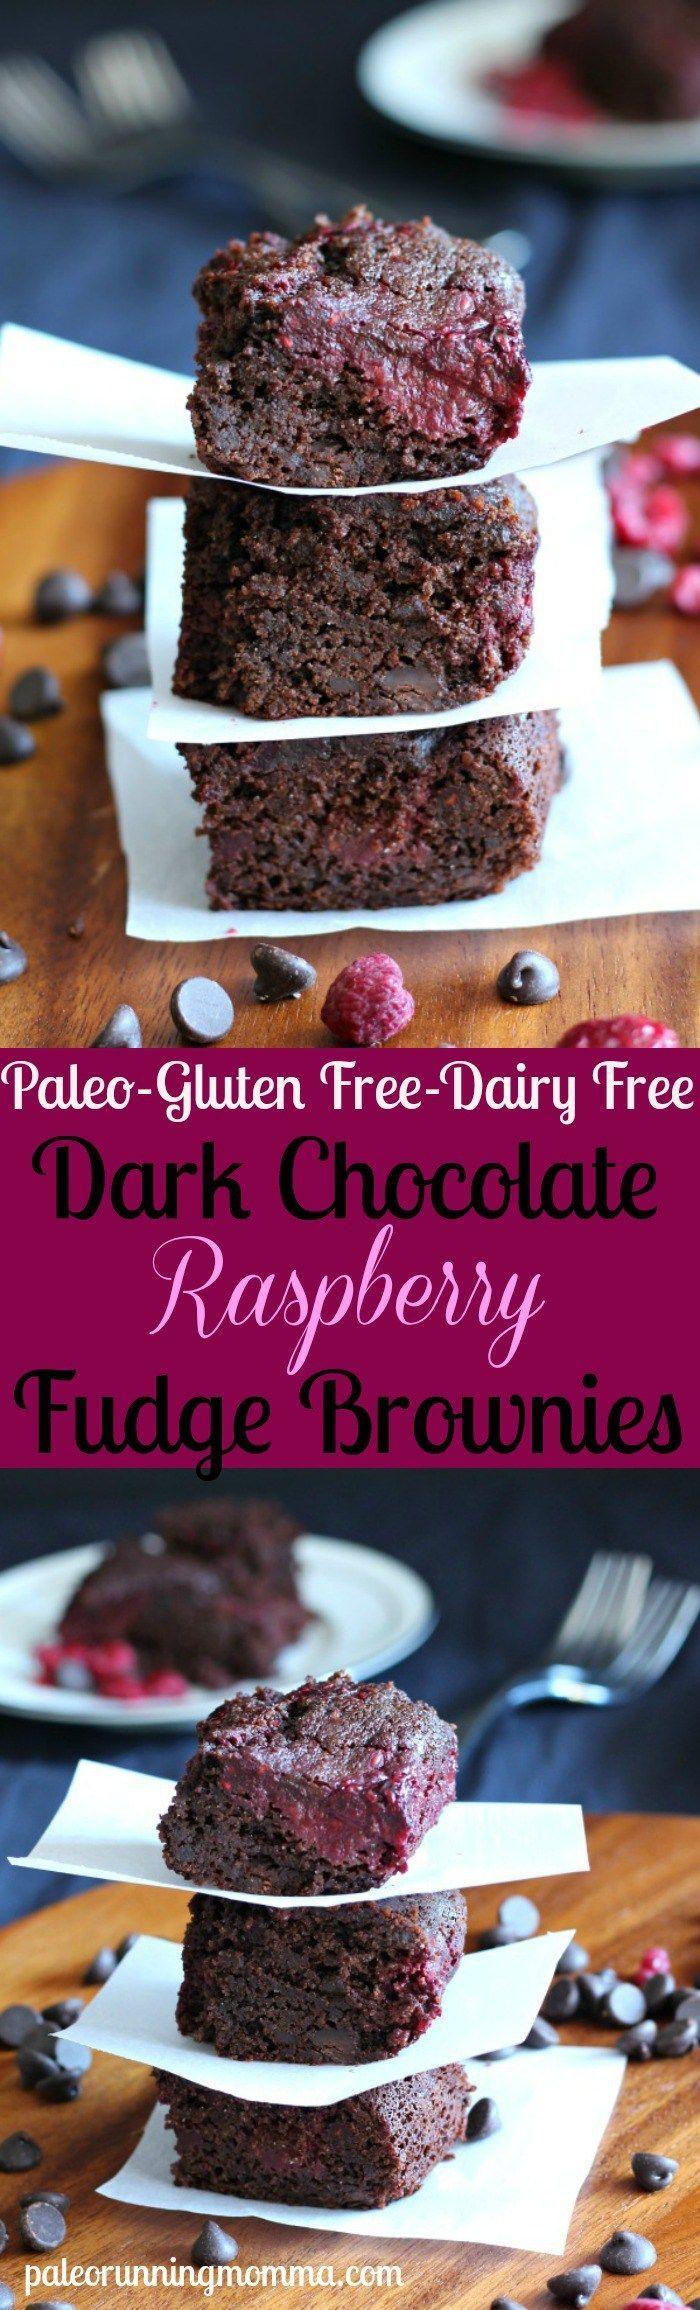 Dark Chocolate Raspberry Fudge Brownies Paleo Recipe Gluten